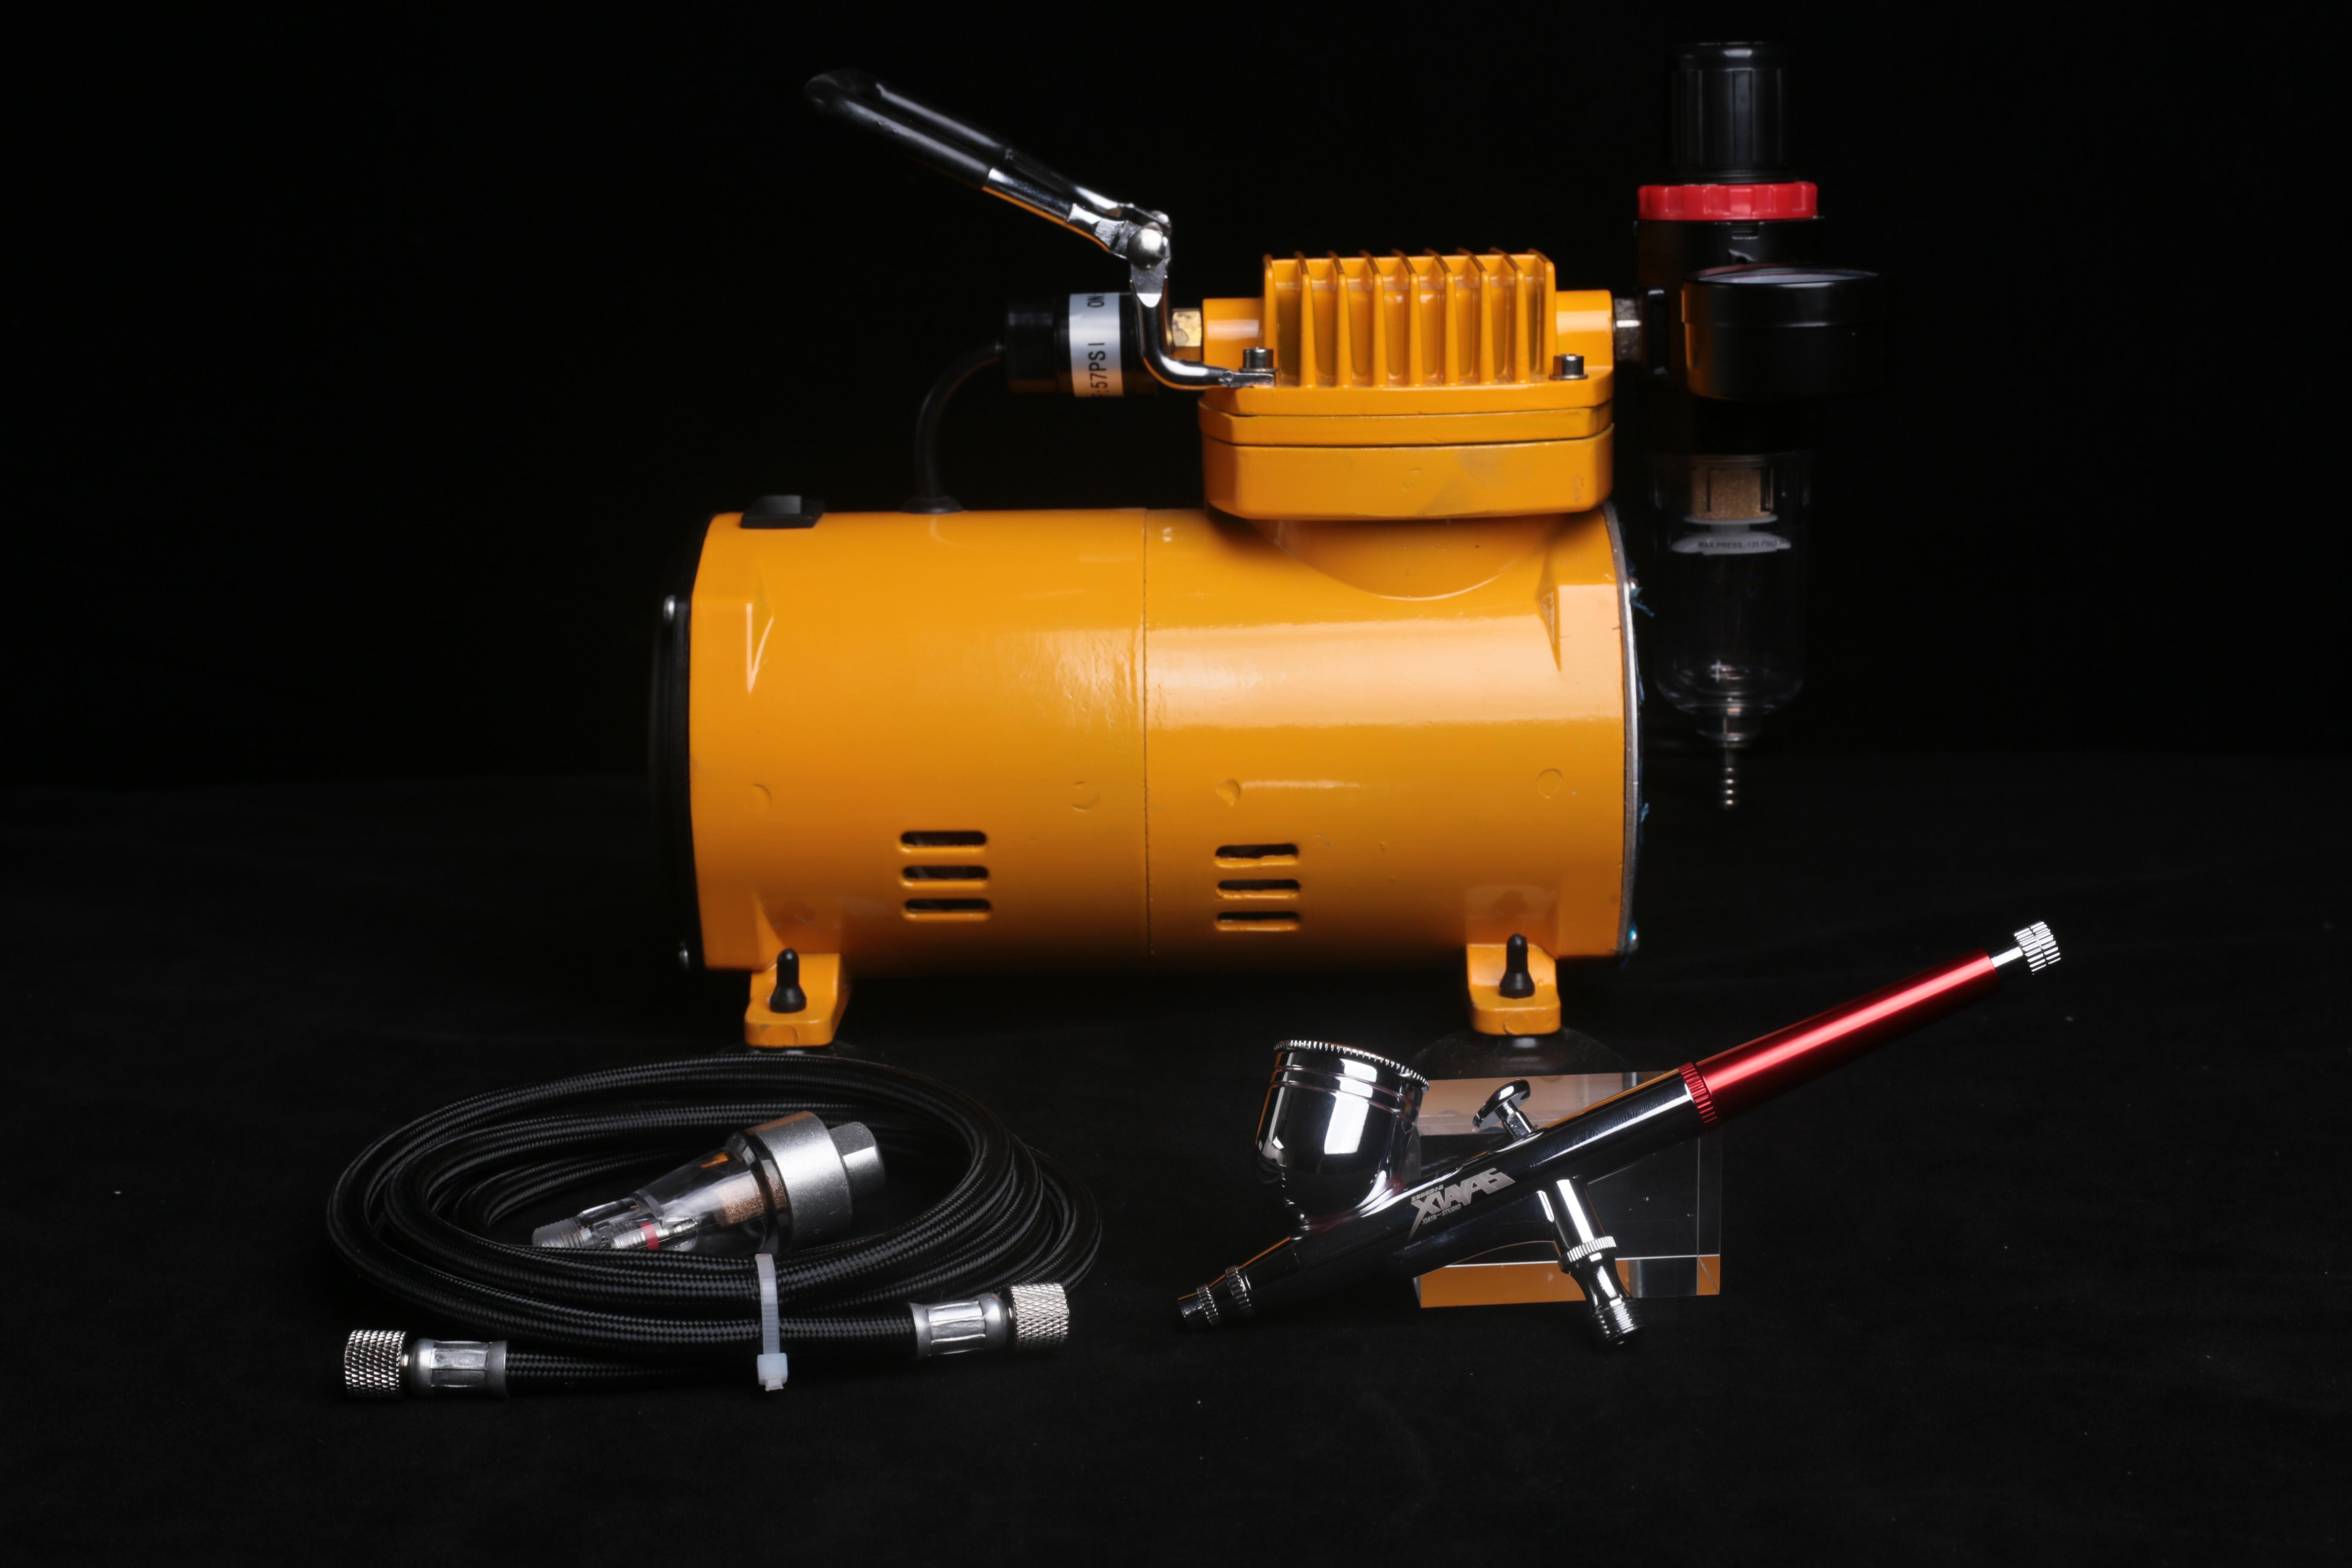 夏亚的模型小店  SP喷笔 0.3MM 优质雾化 喷涂工具 气泵套装图片